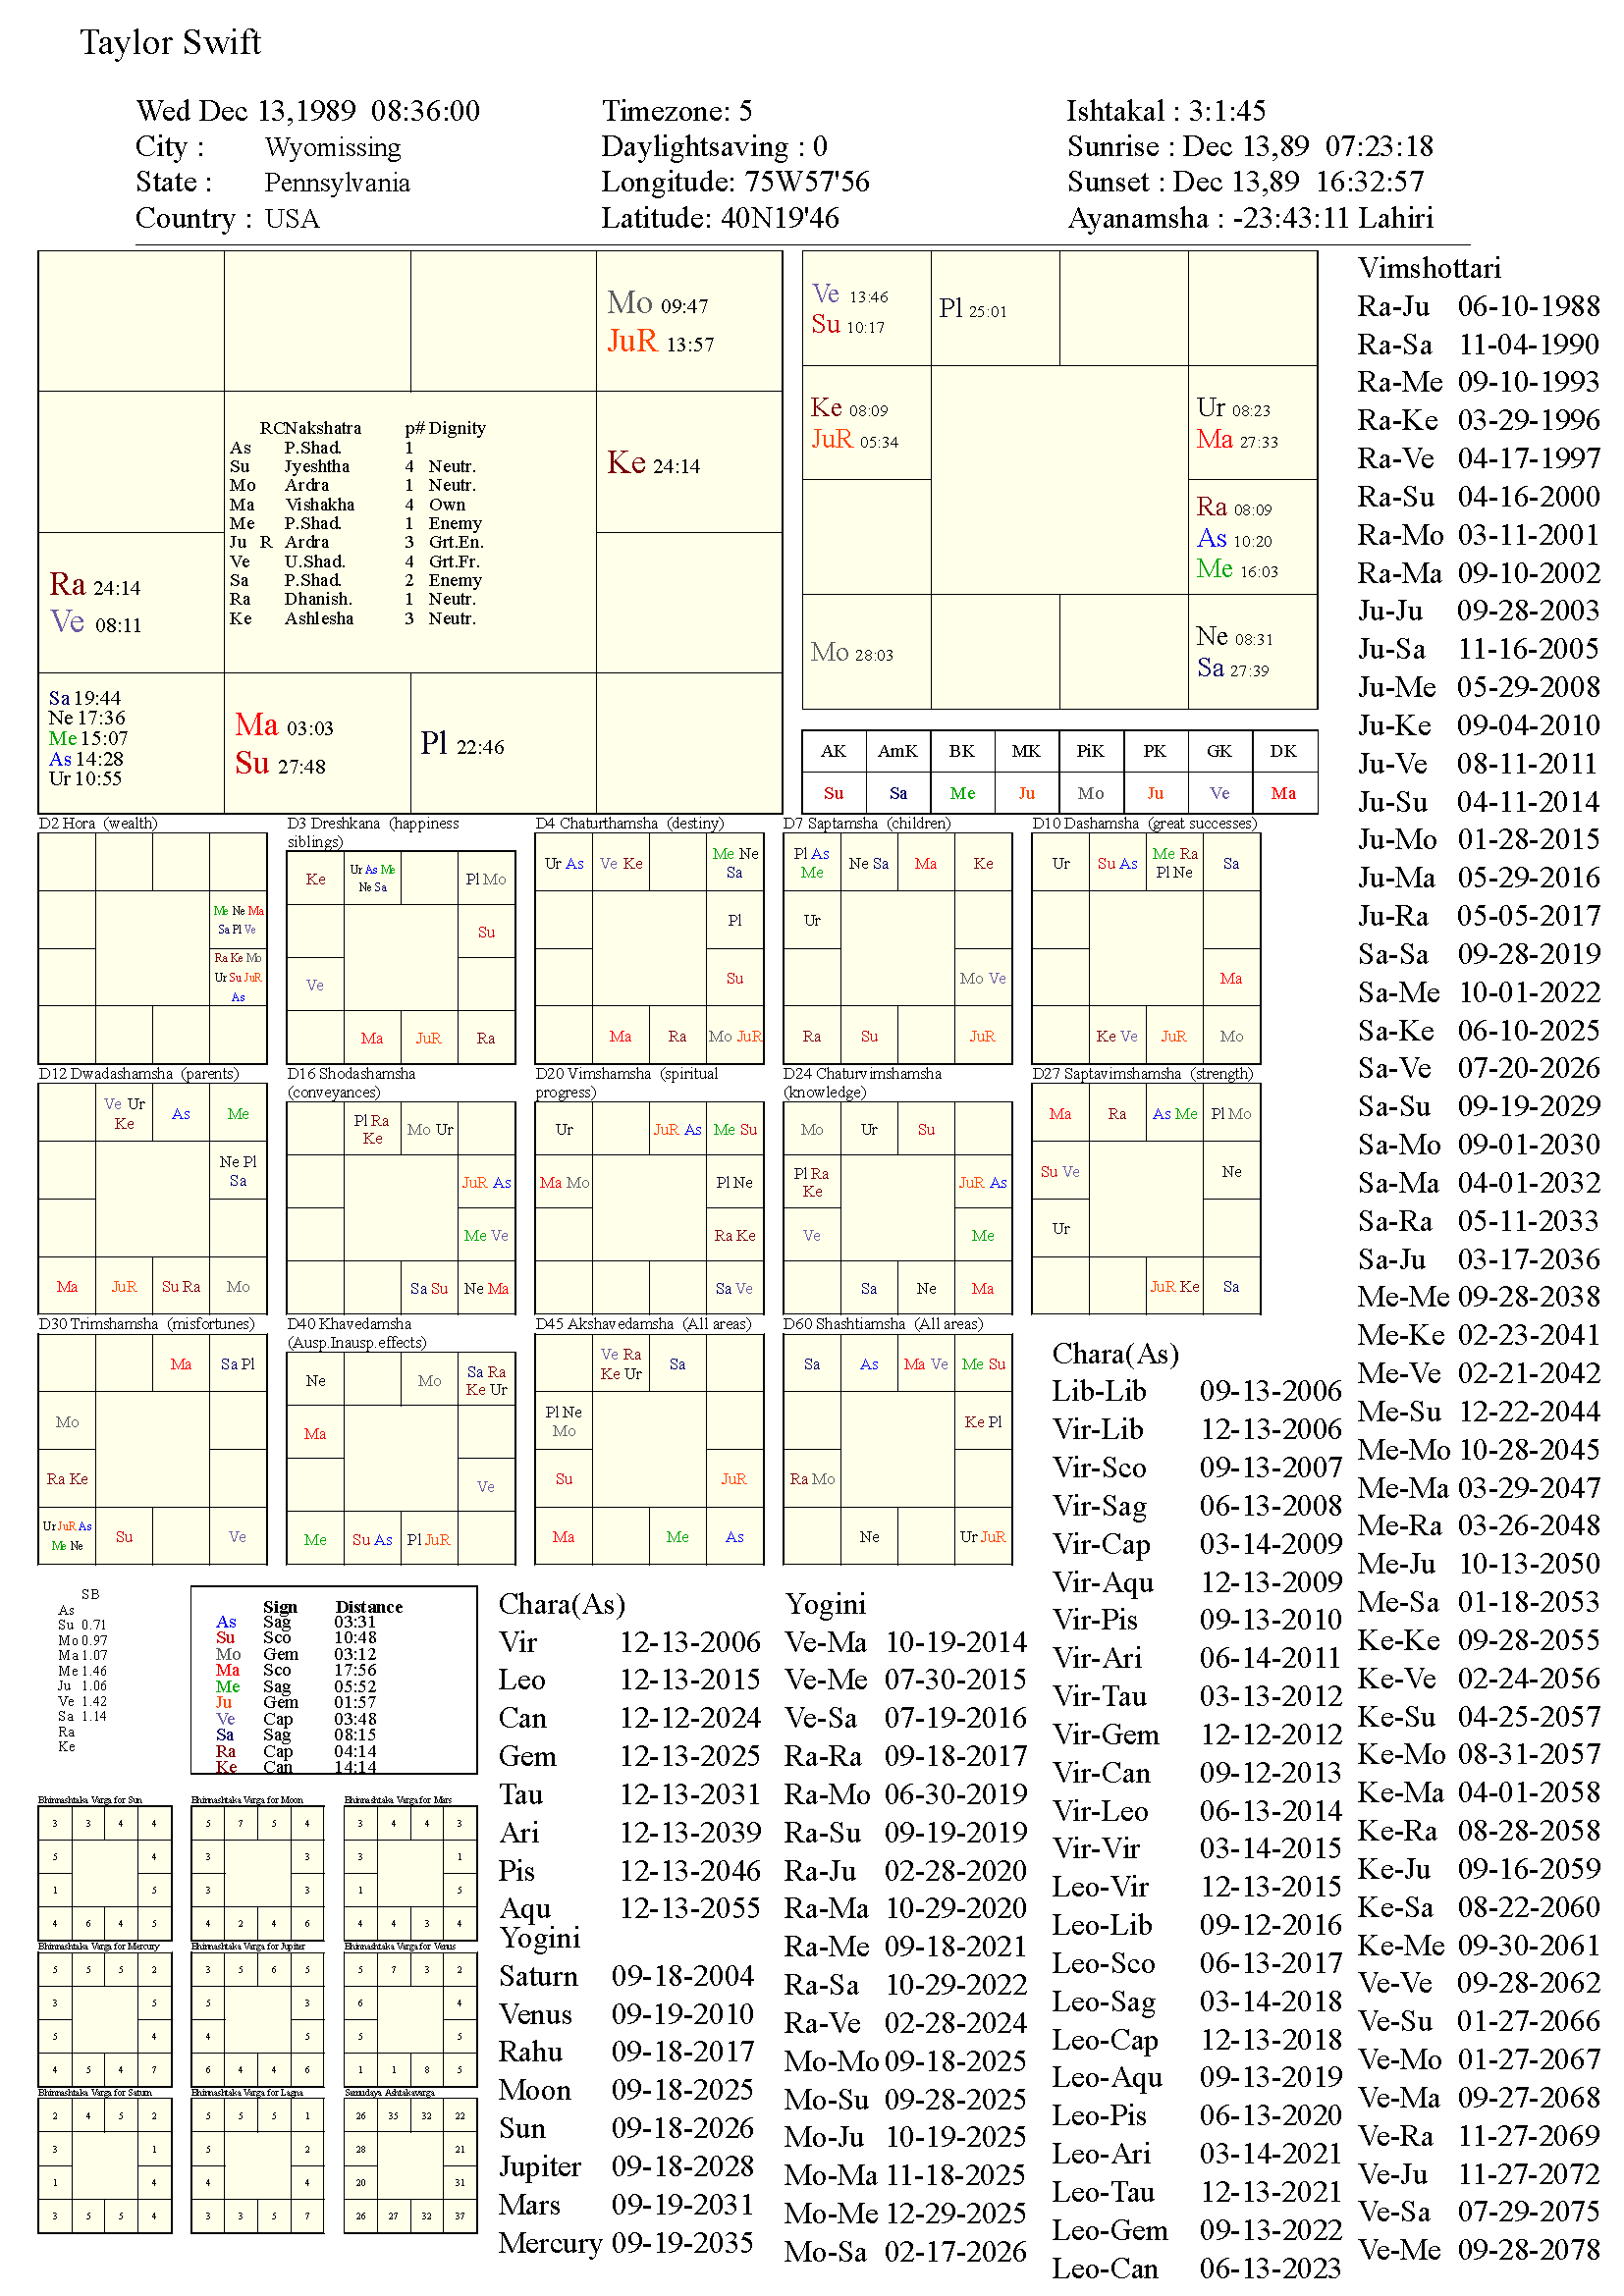 taylorswift_chart